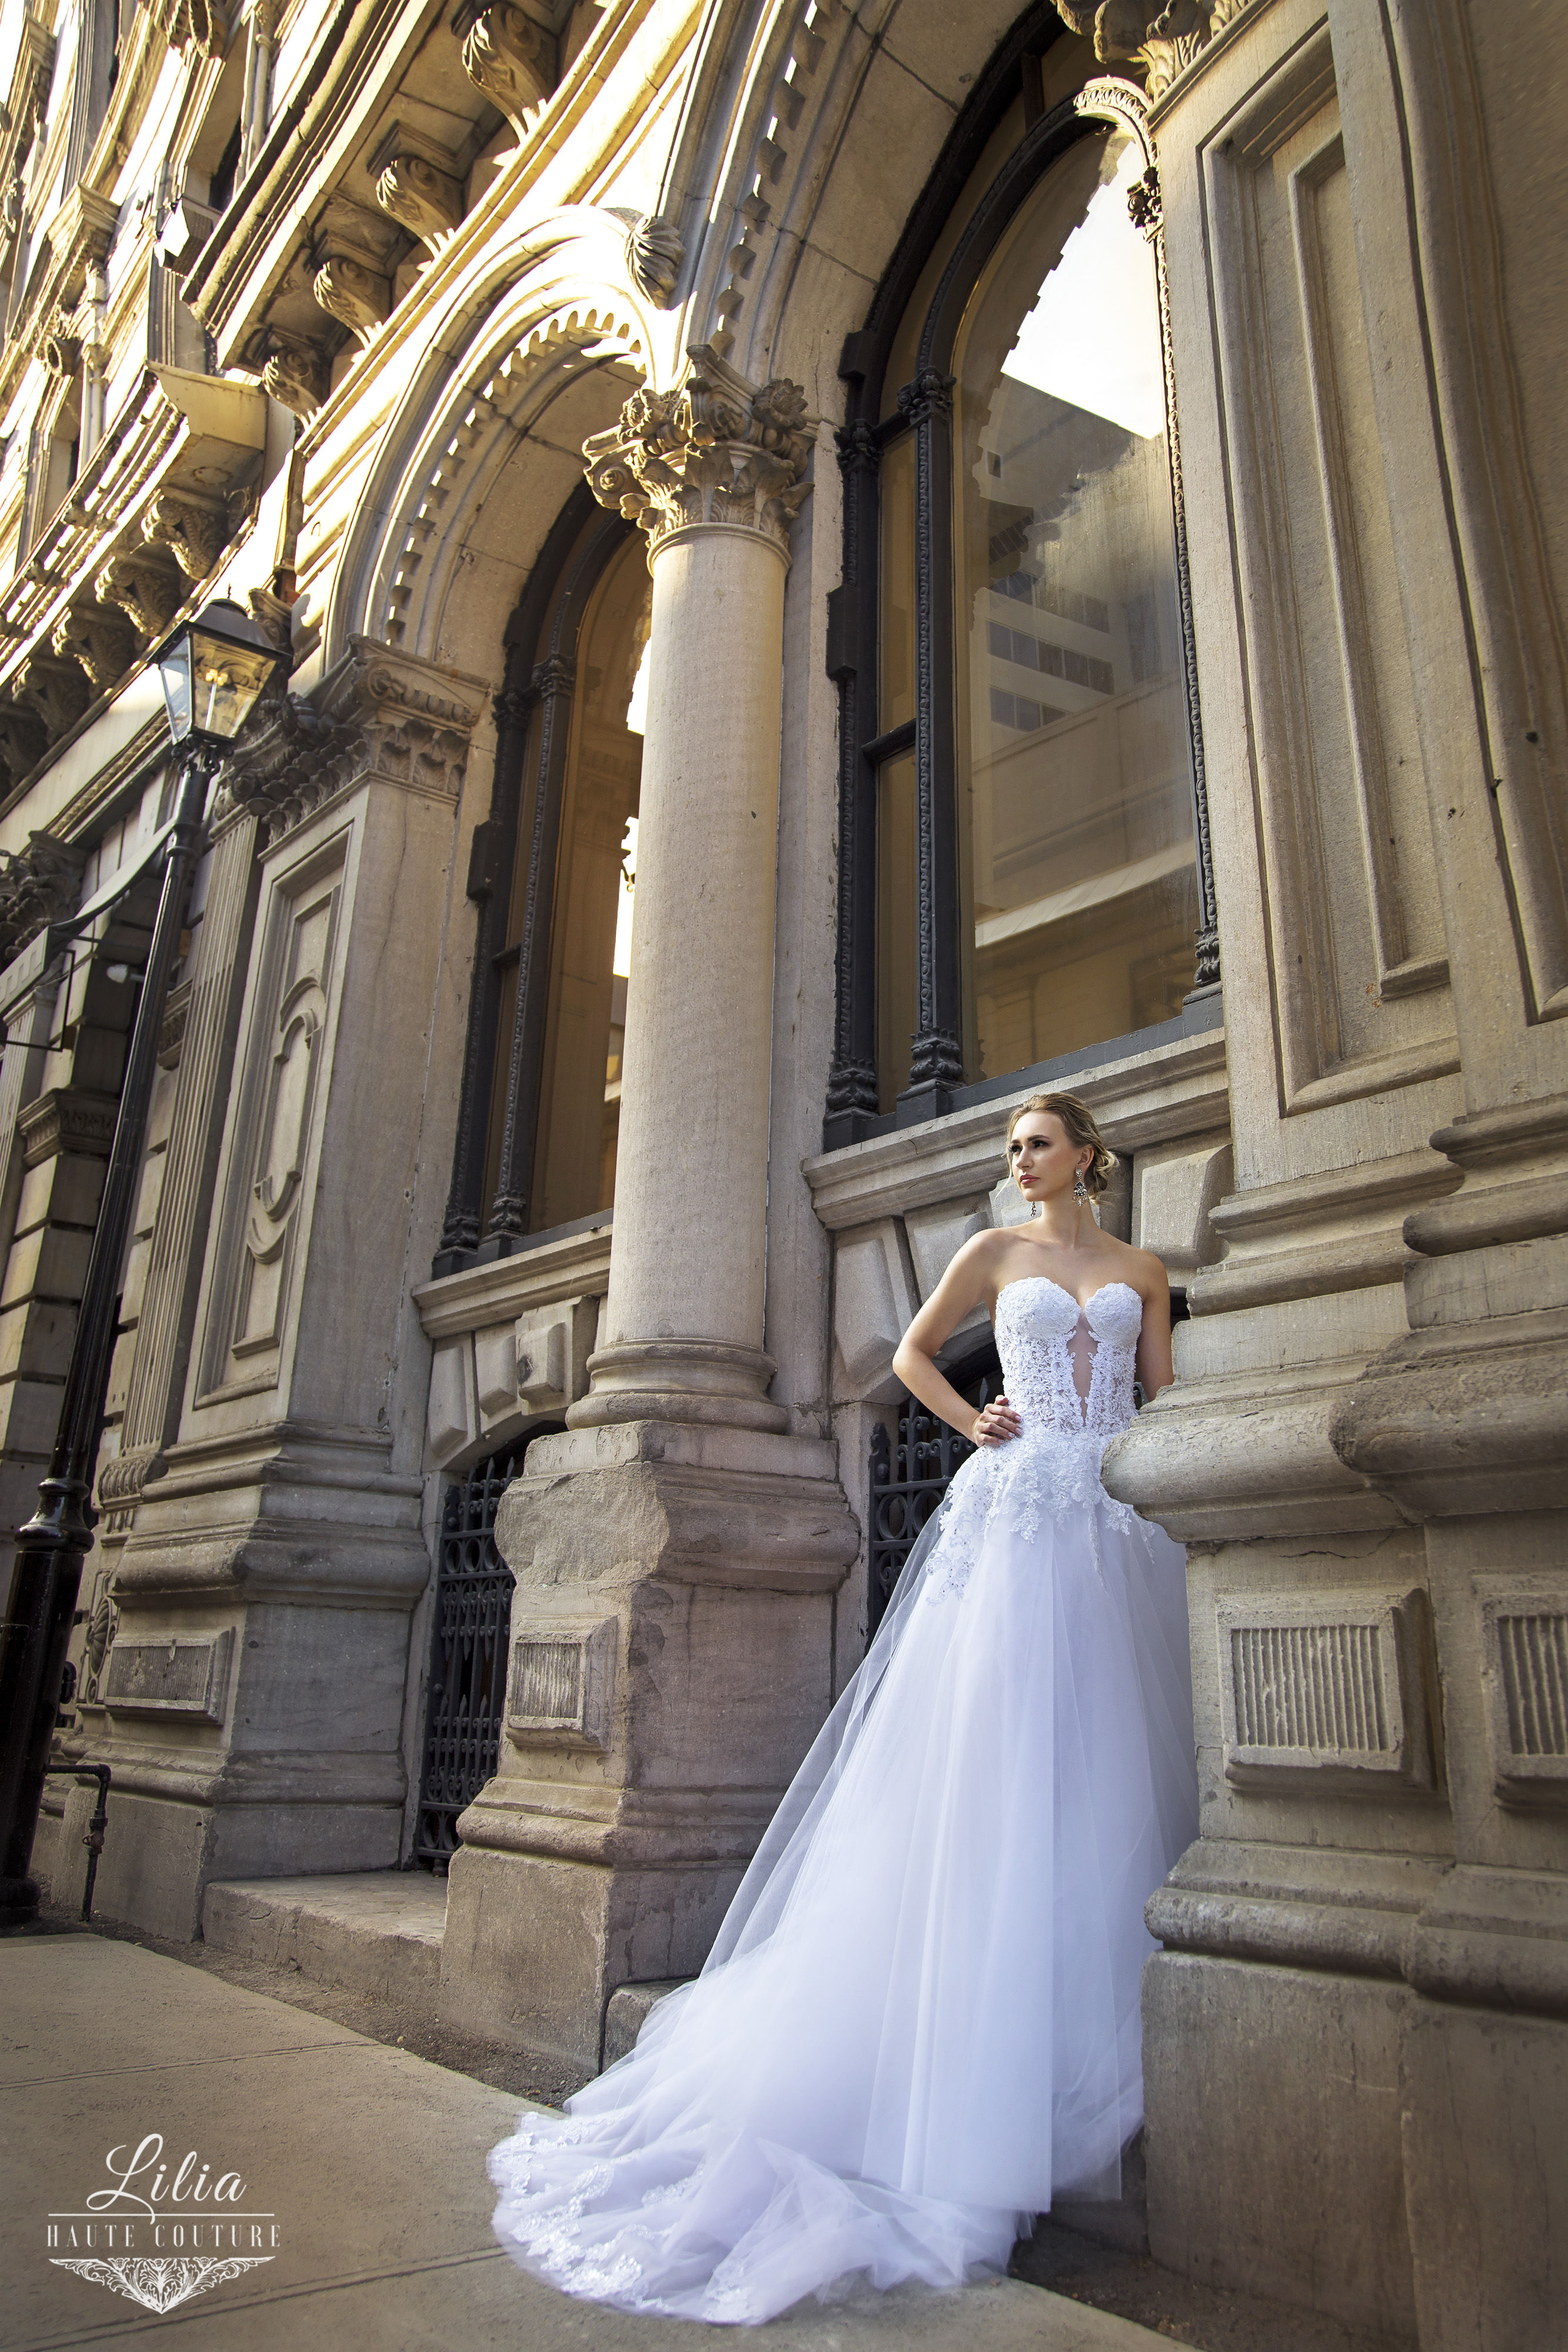 robes de mariee haute gamme montreal lilia haute couture jupe en tulle decolte en v